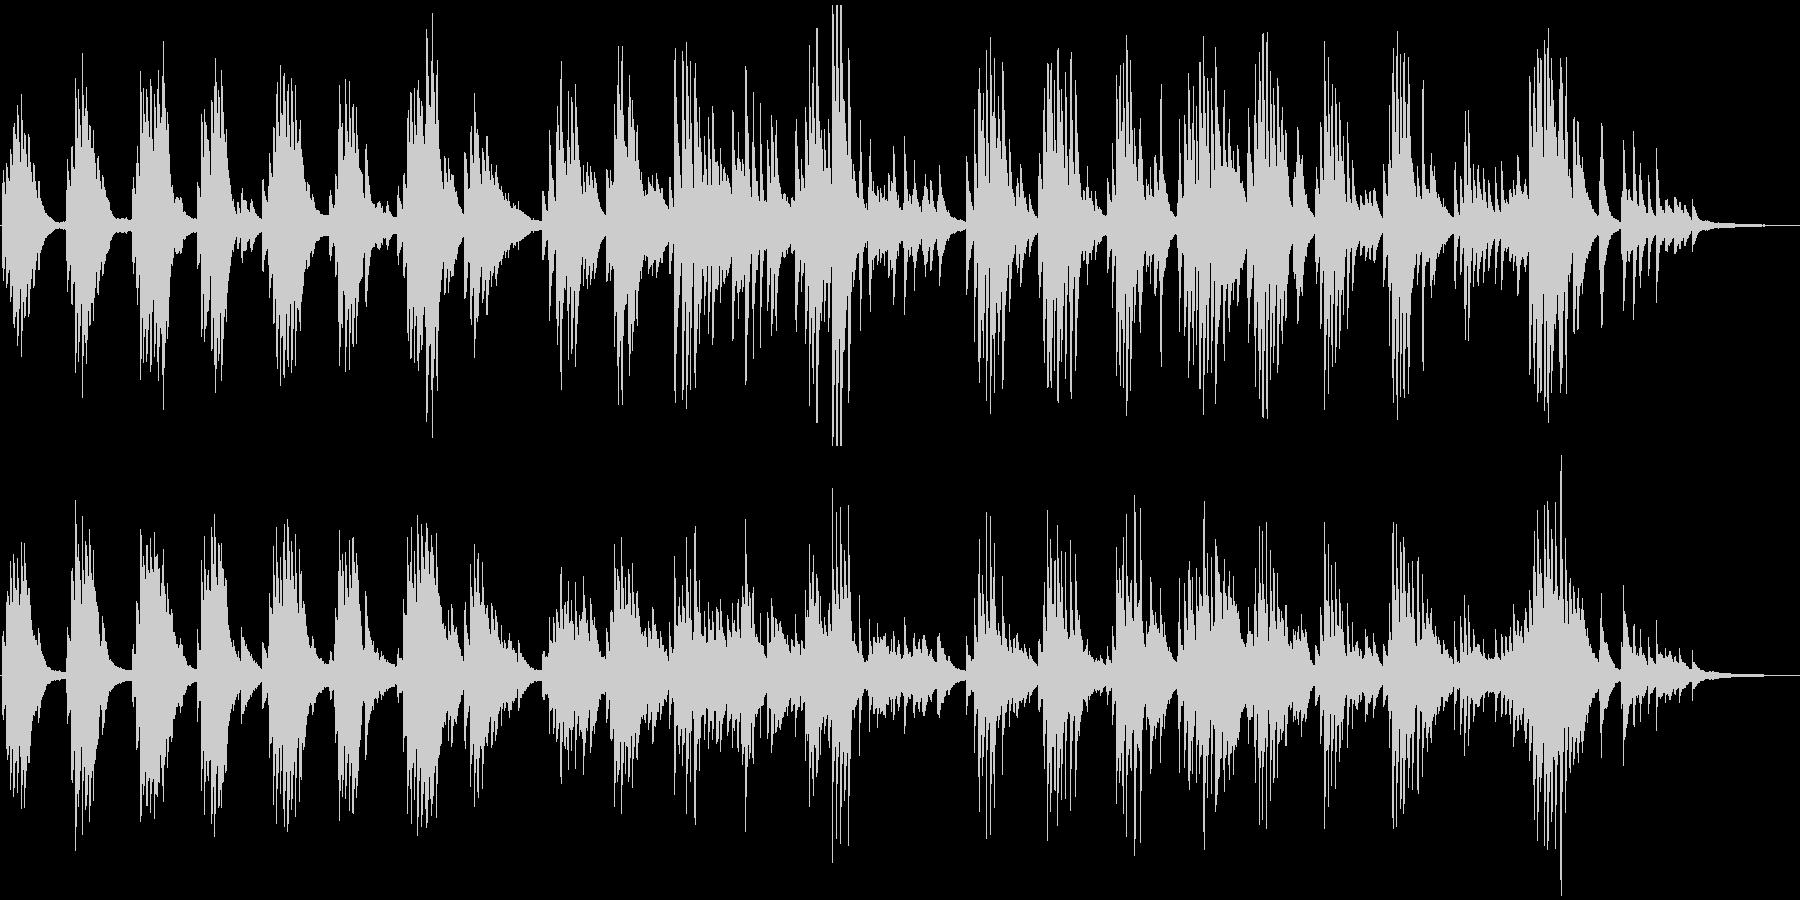 落ち着いた雰囲気のピアノソナタの未再生の波形